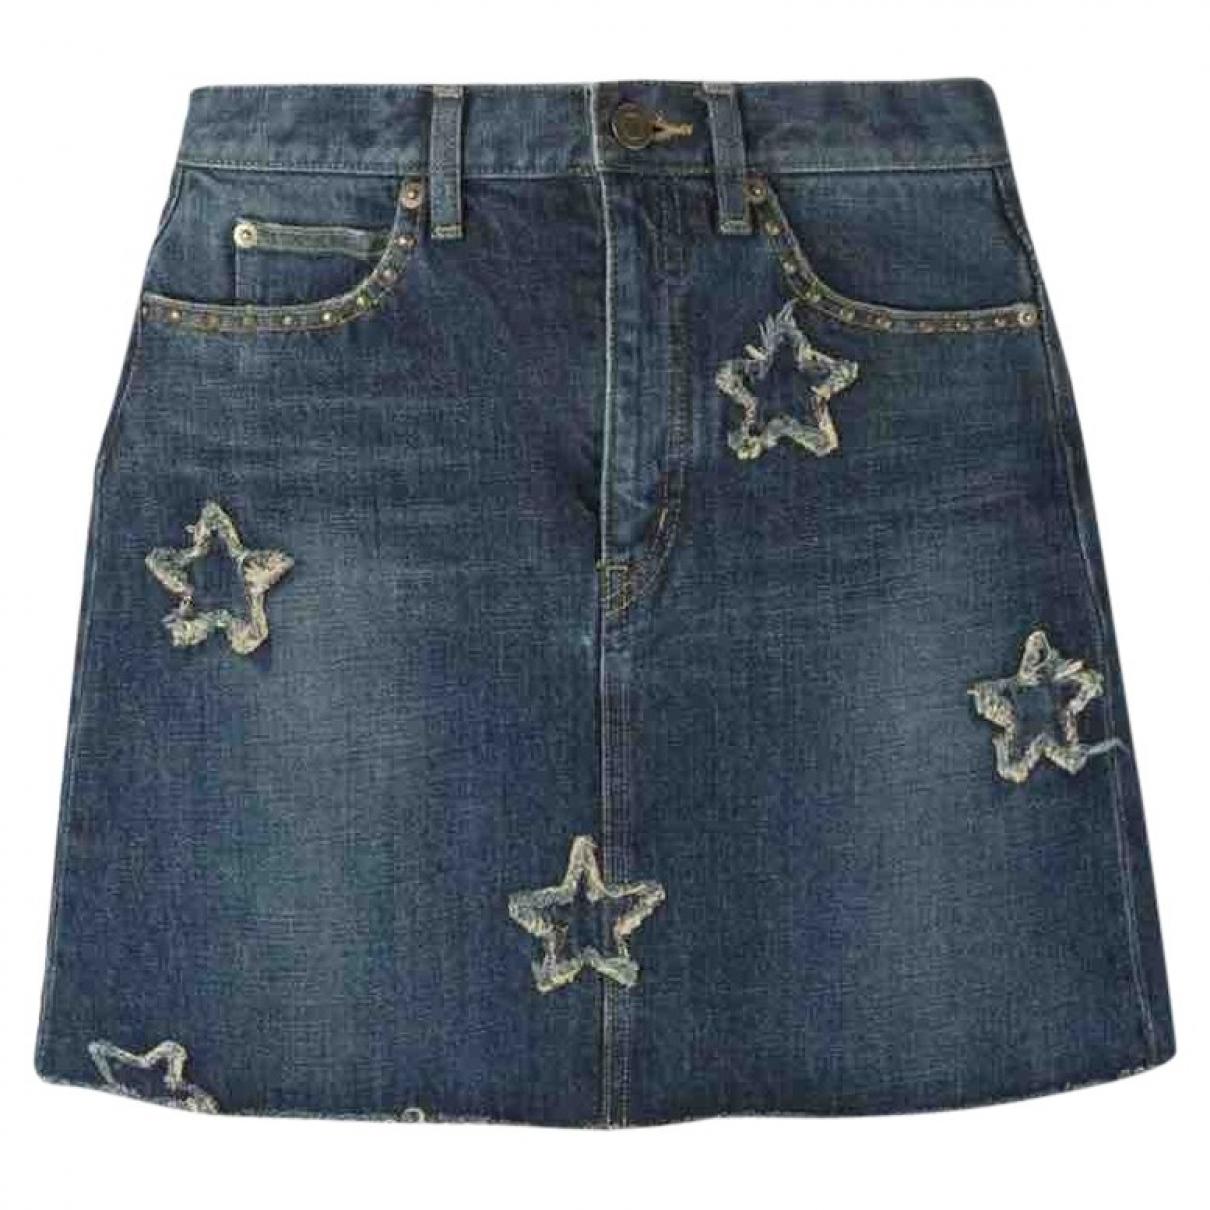 Saint Laurent \N Blue Denim - Jeans skirt for Women S International